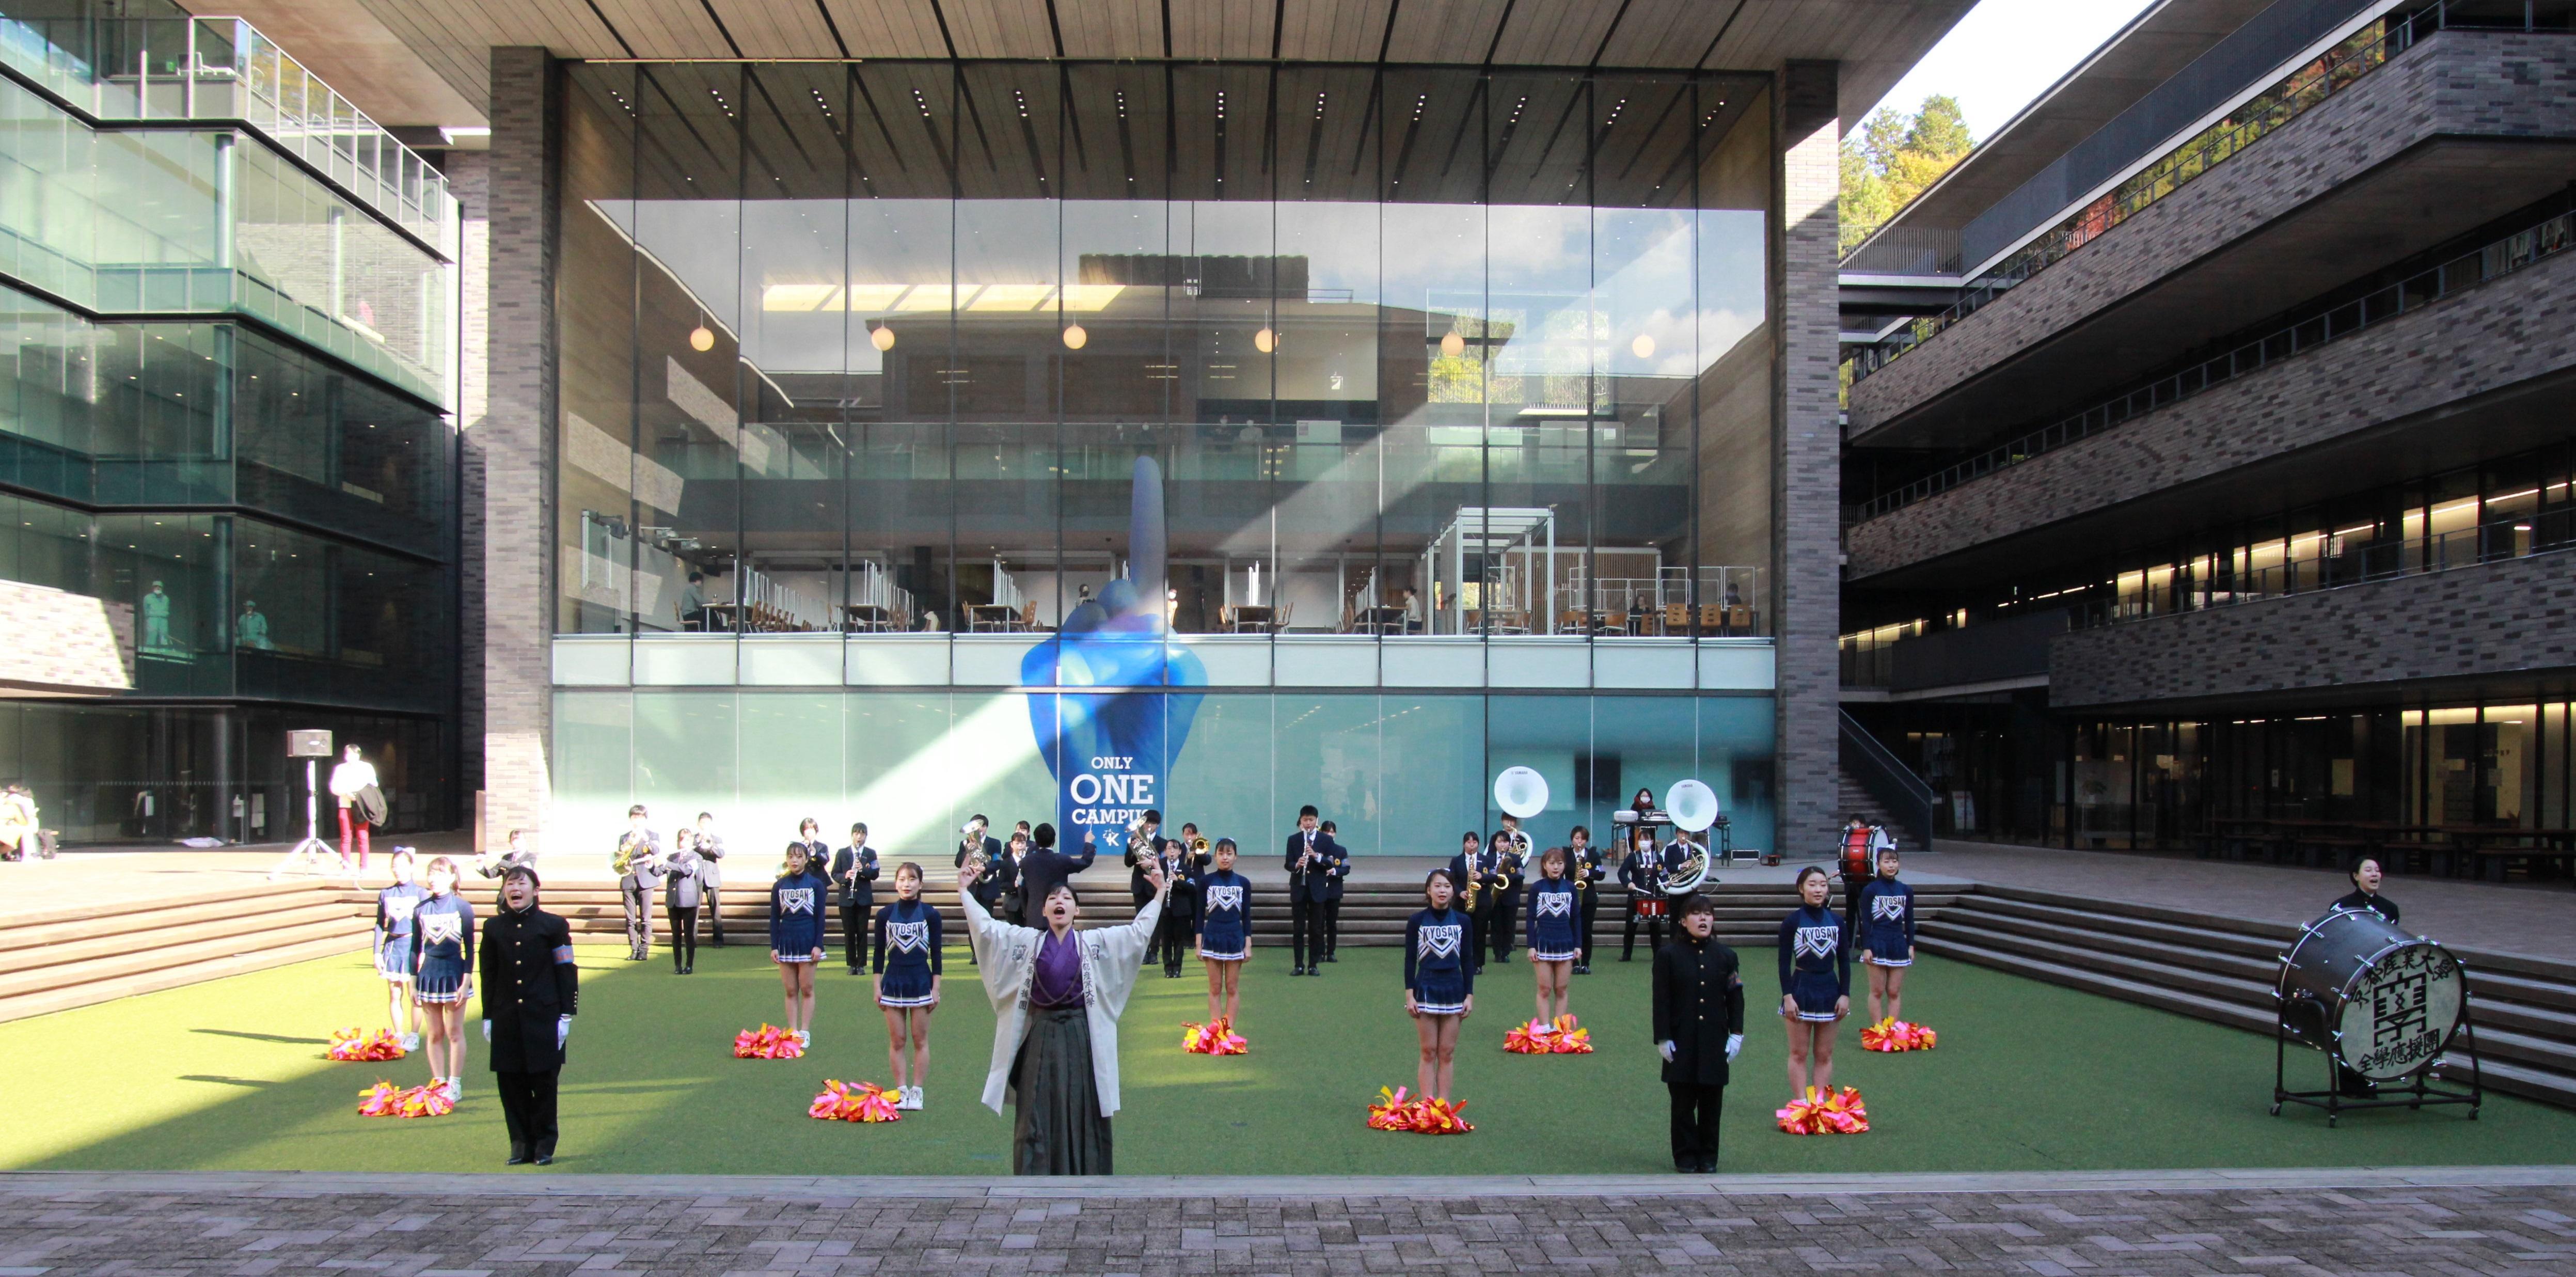 京都産業大学全学応援団が「ONLY ONE CAMPUS」を掲げ全学生にエール!